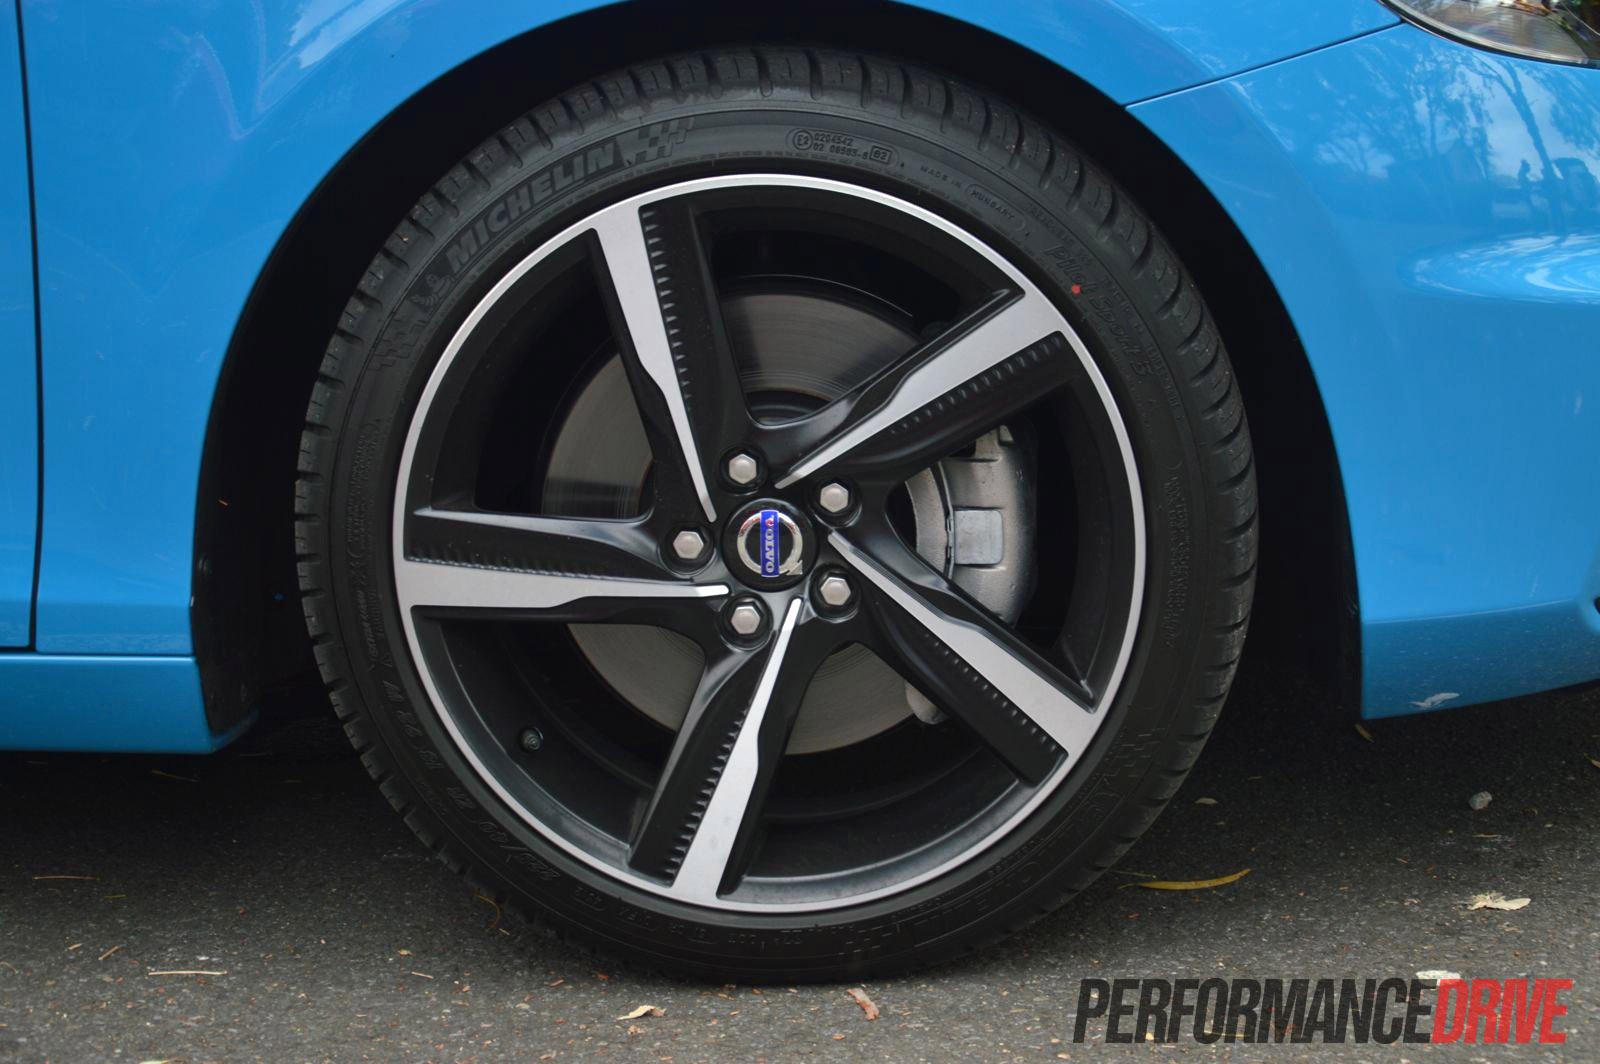 2013 Volvo V40 T5 R Design 18in Alloy Wheels